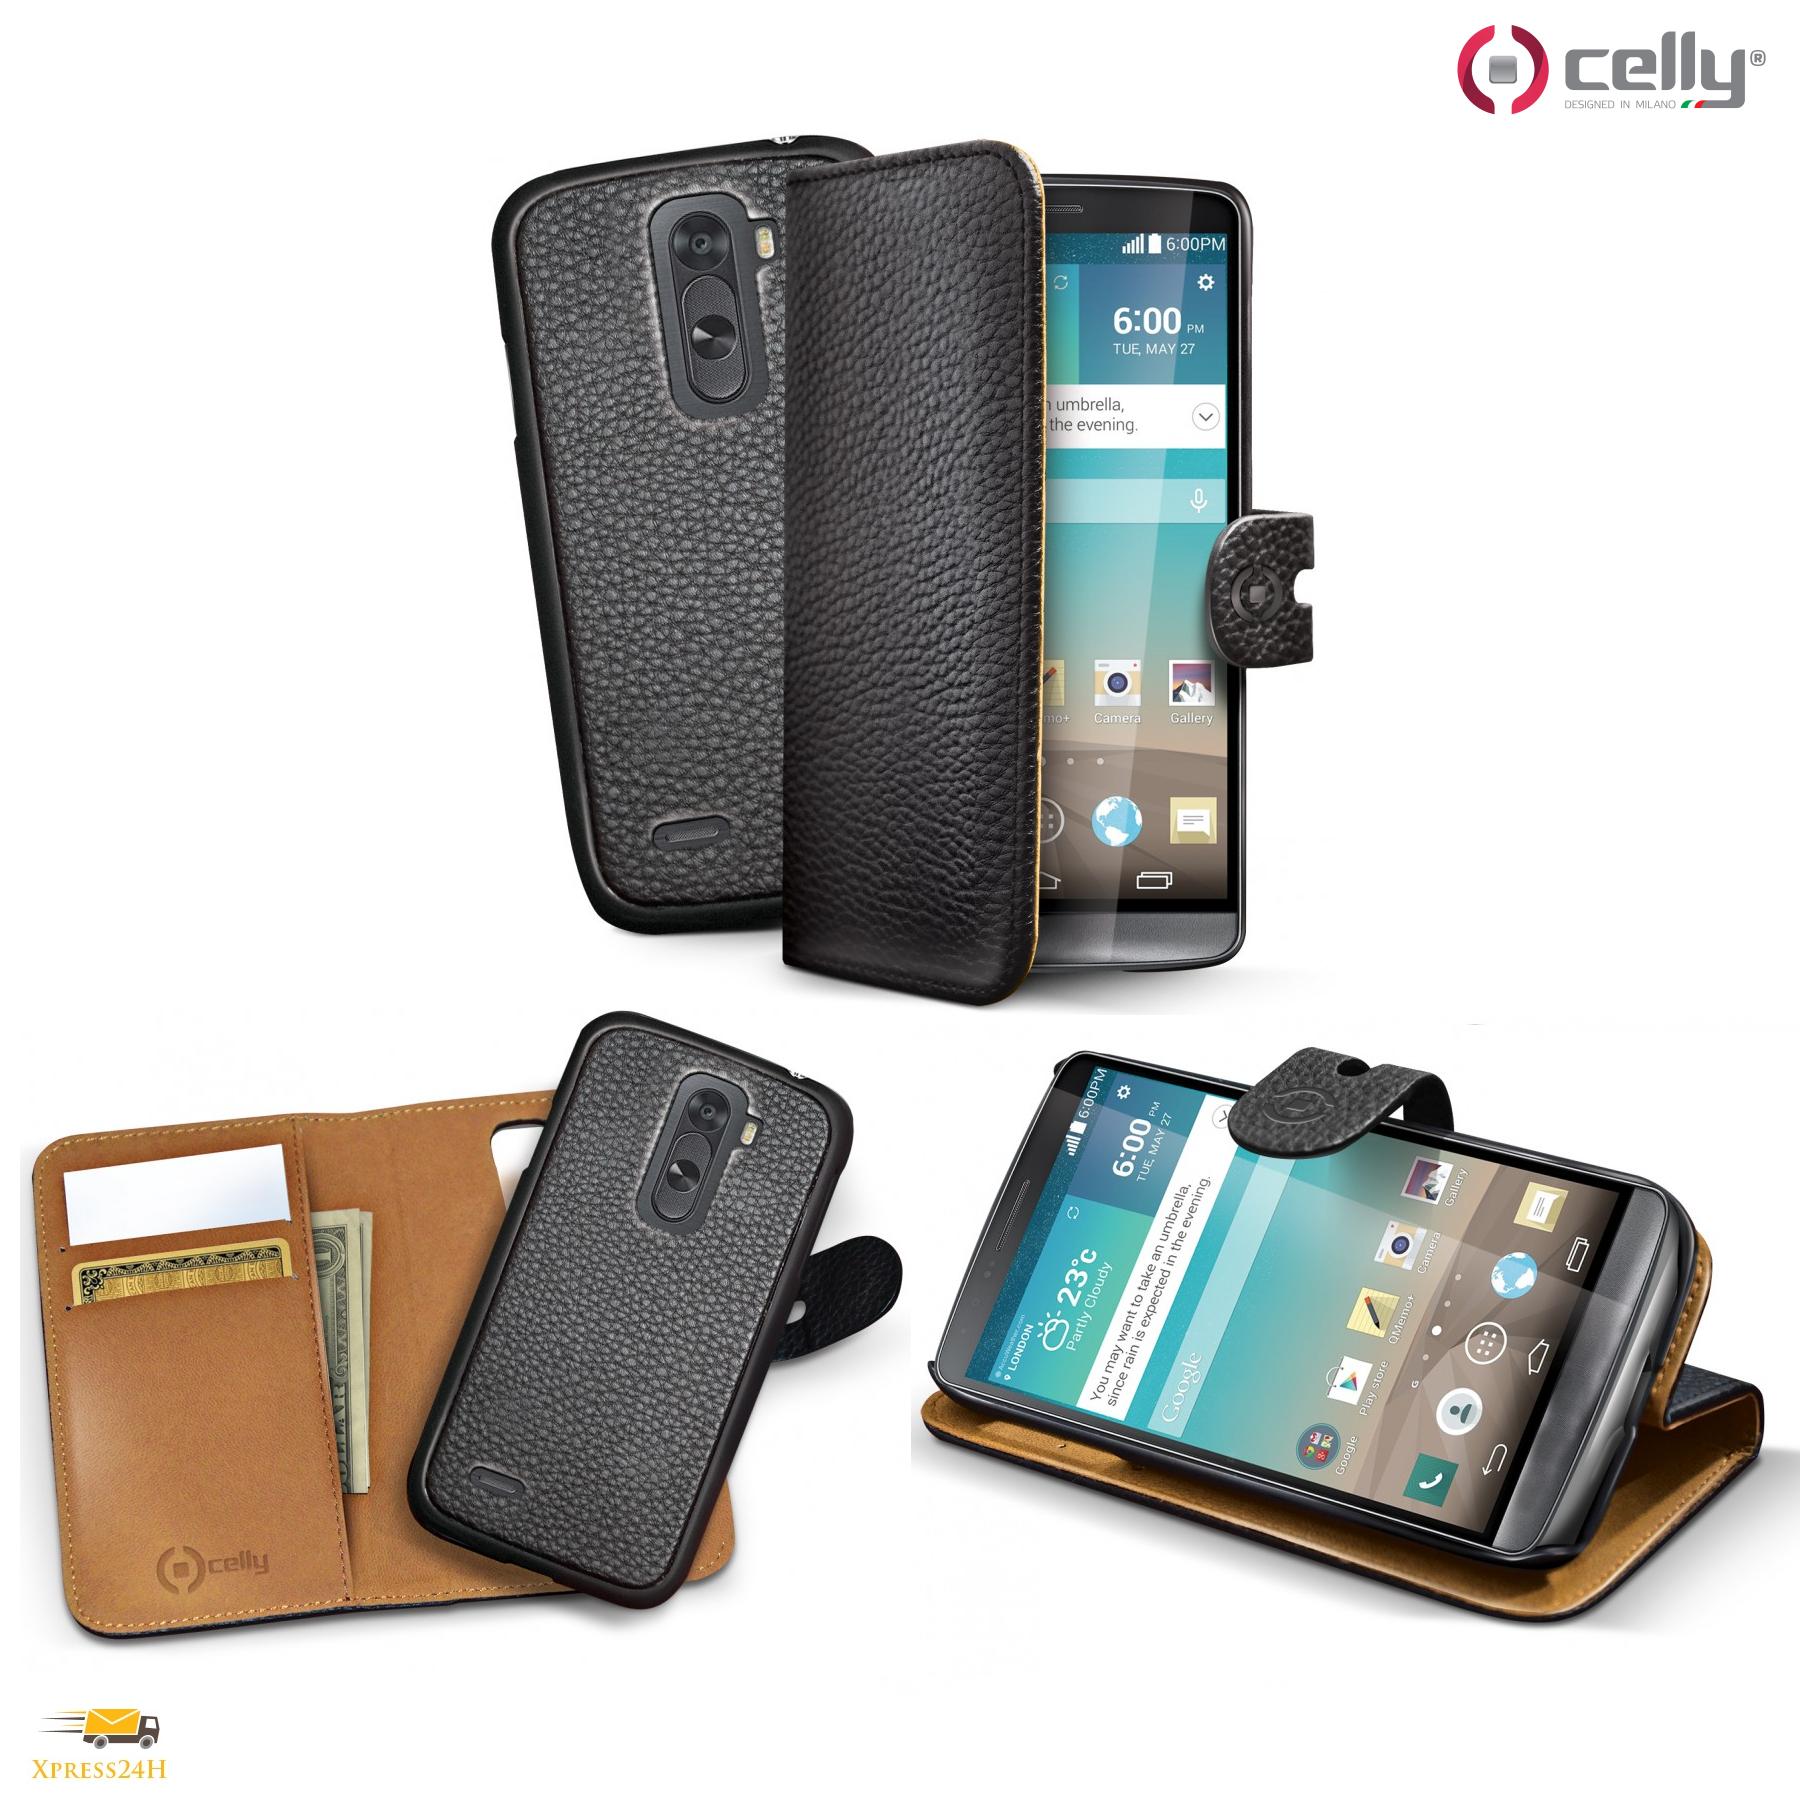 CELLY Custodia a portafoglio con cover staccabile per iPHONE 5/5S